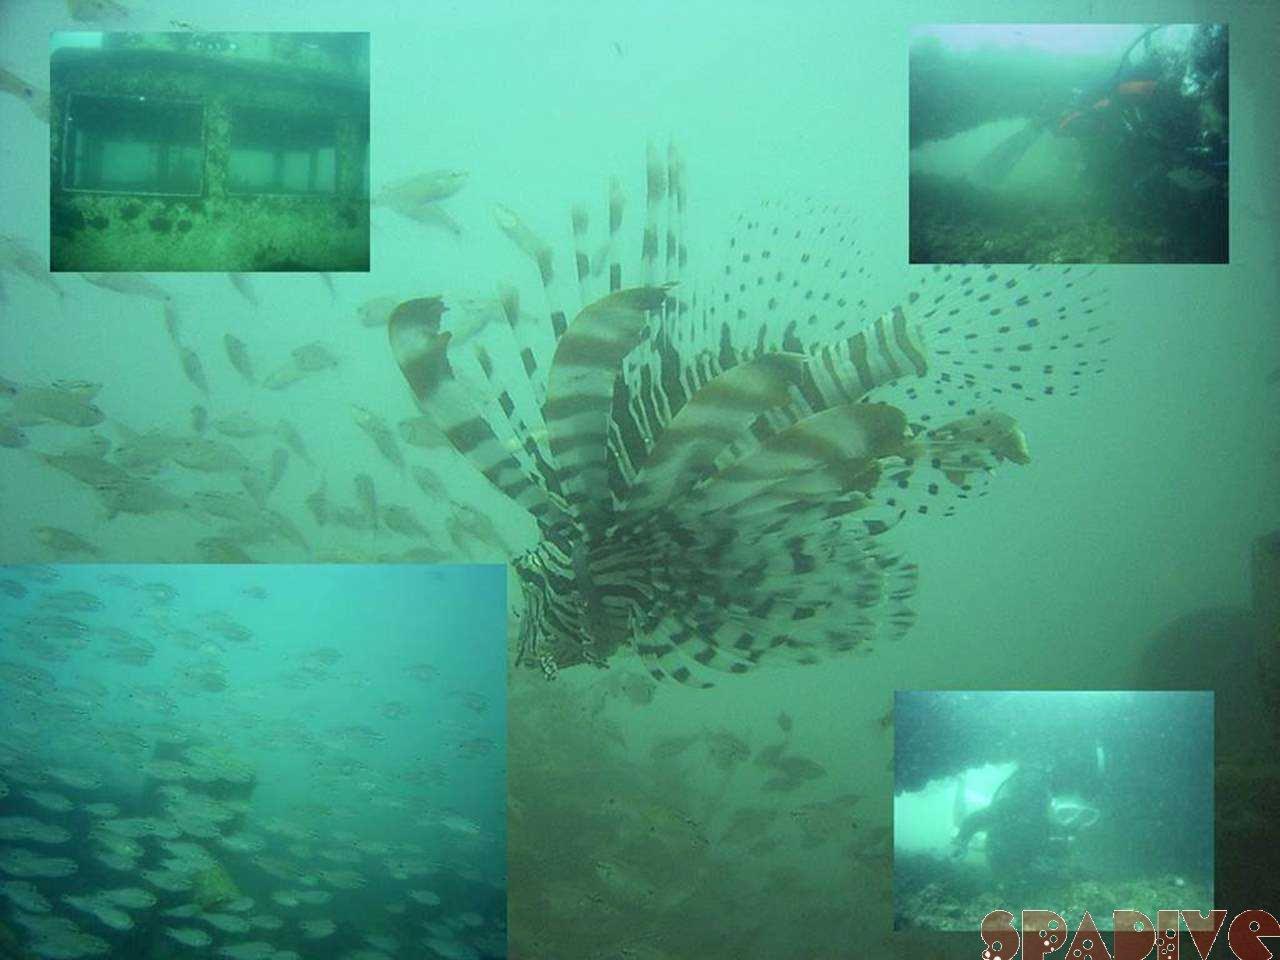 沈船&中島観測塔ボートファンダイビング 10/2/2005白浜